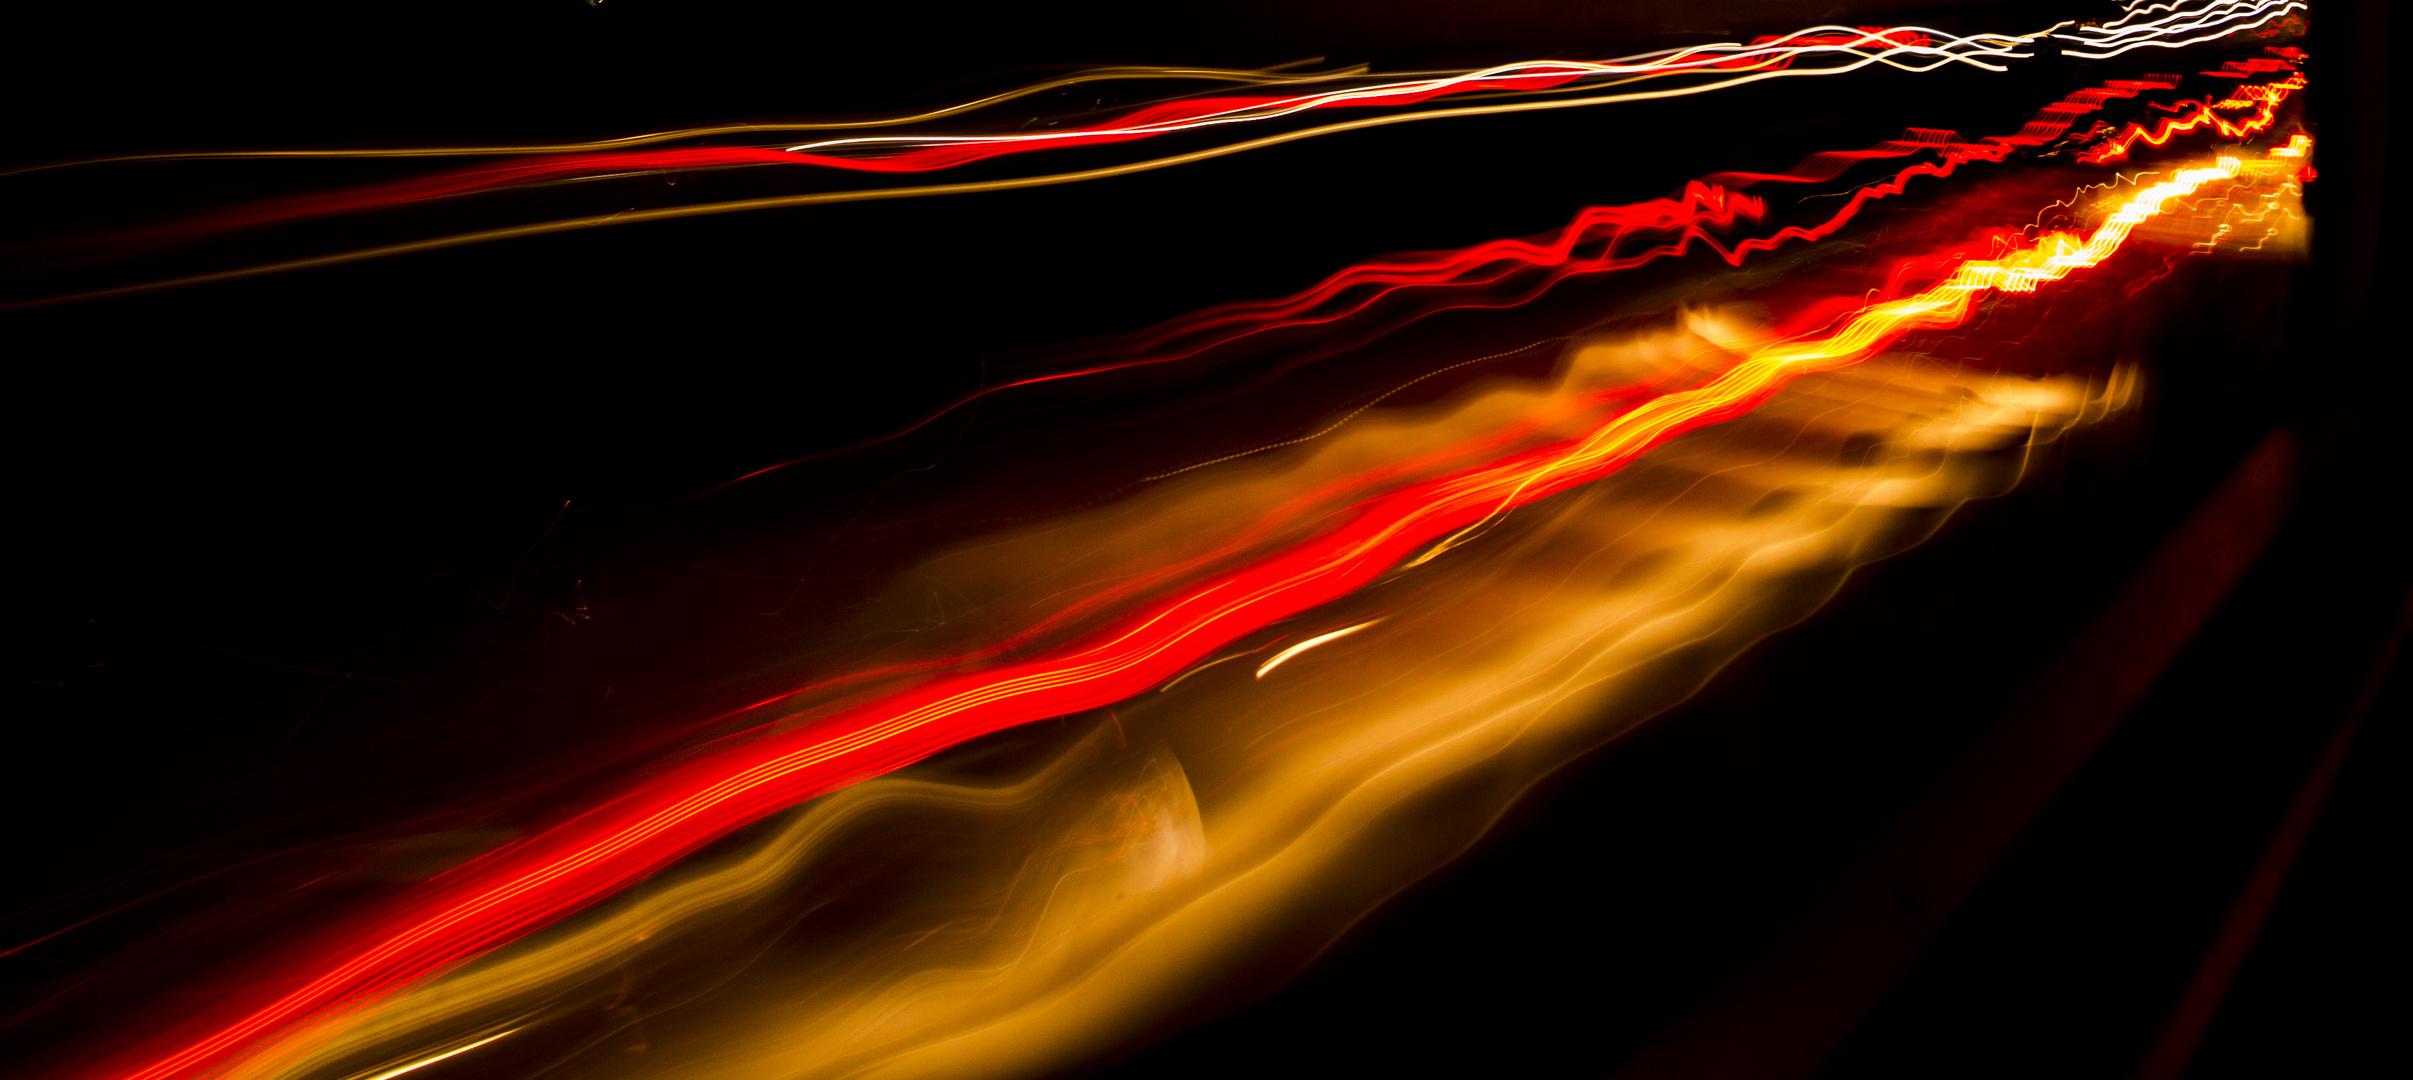 Autorücklichter in dunkler Nacht